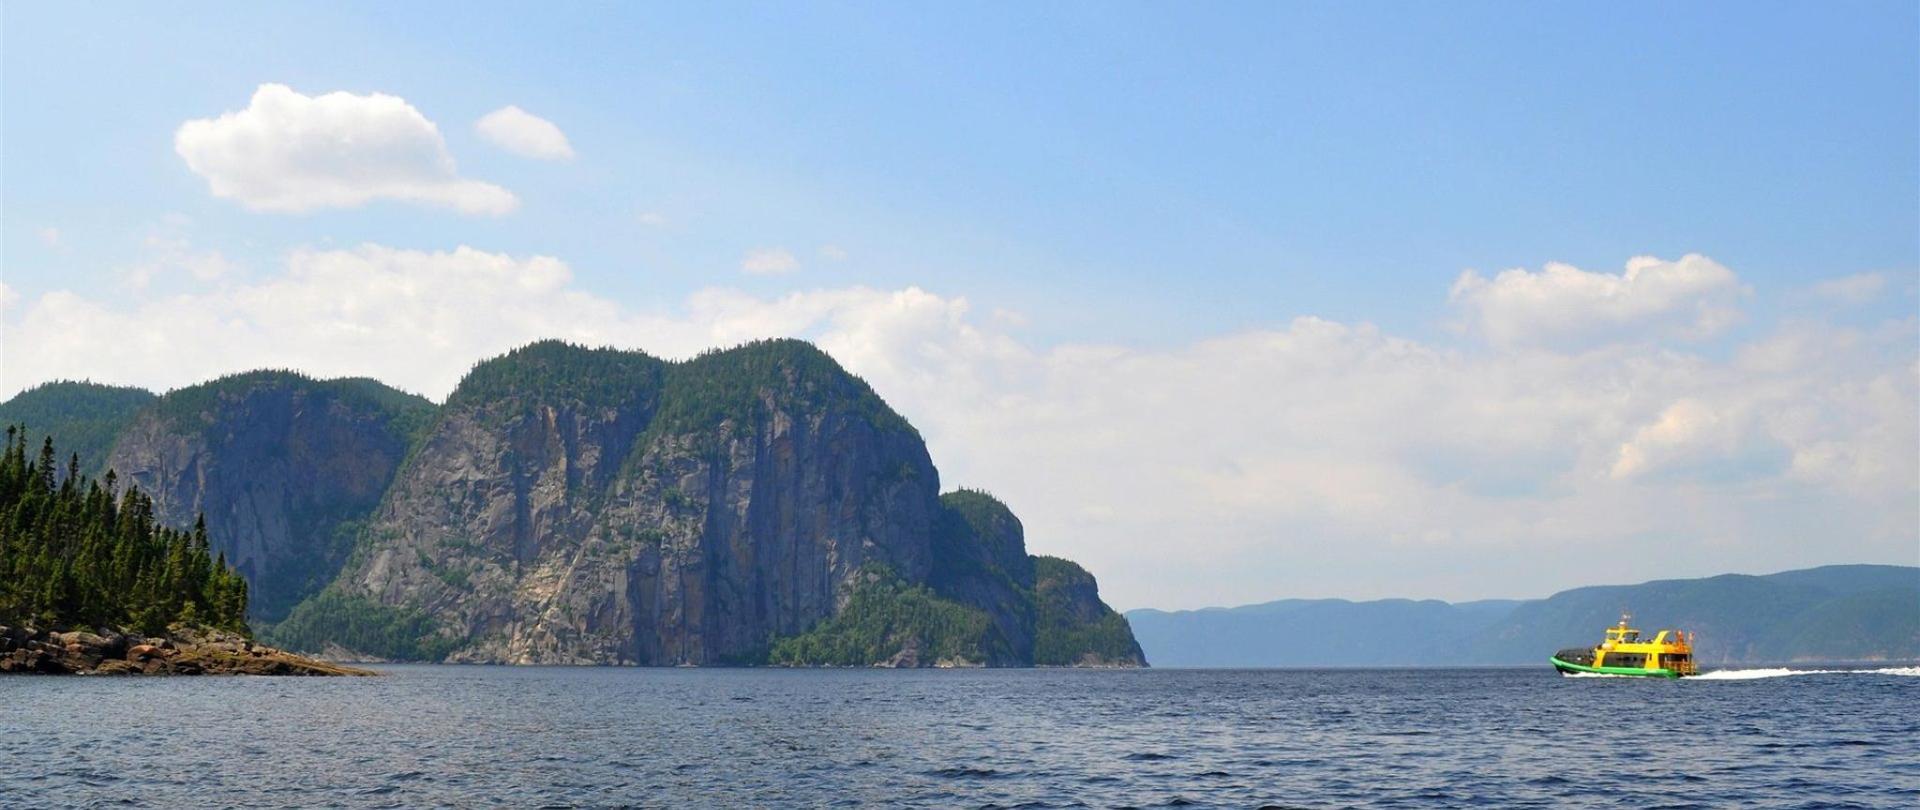 croisières-du-fjord-c-martial-tremblay.jpg